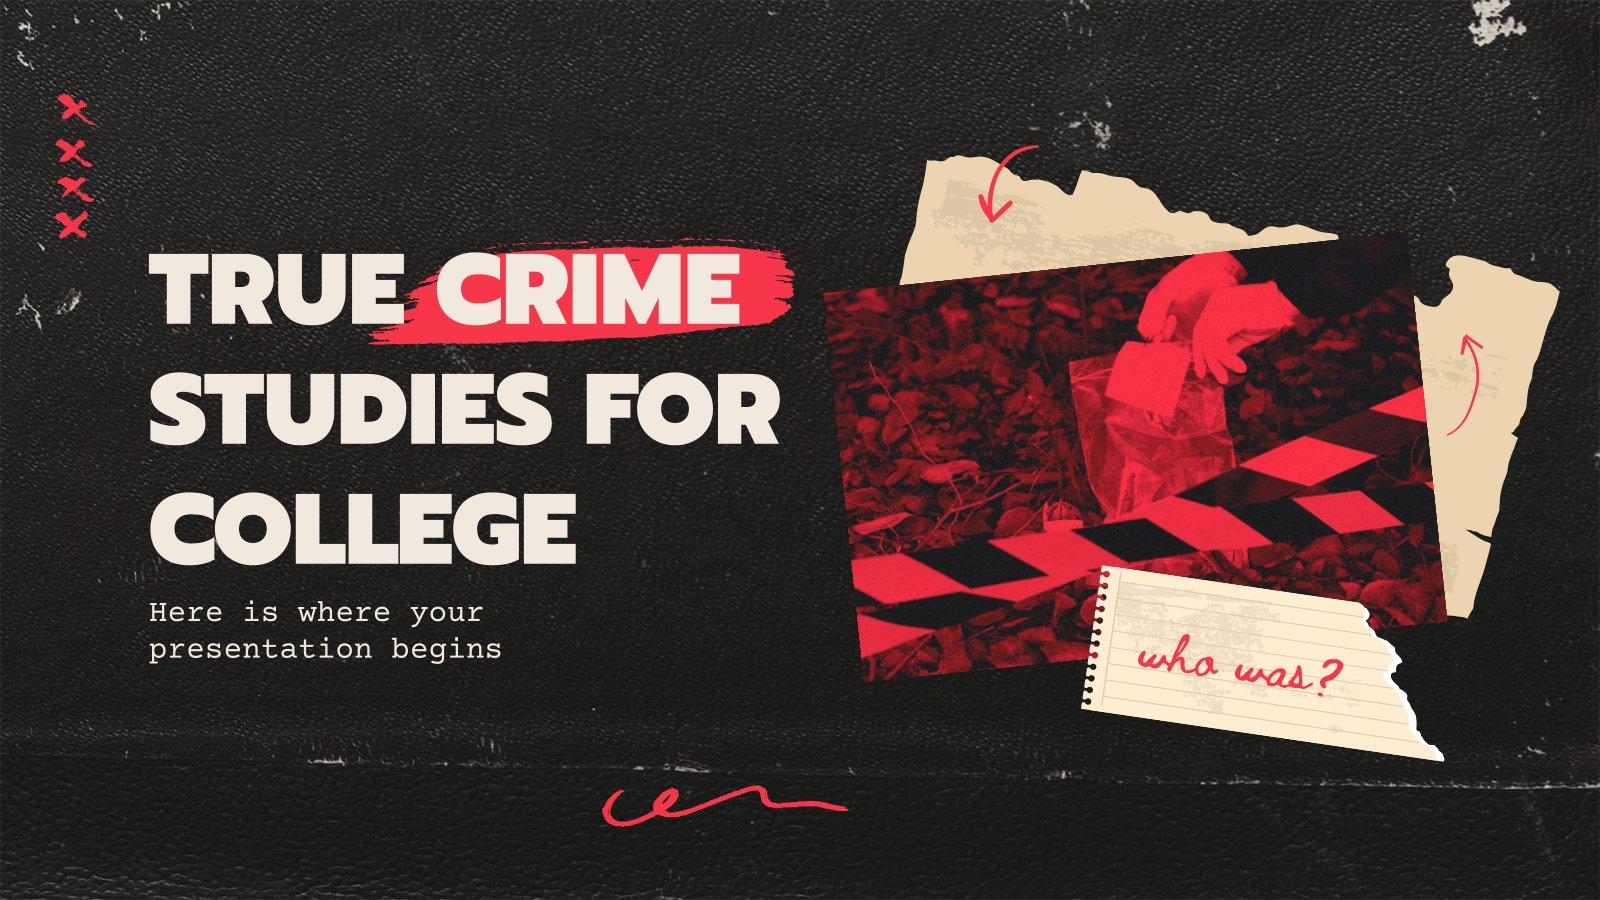 Études sur des vrais crimes pour l'université : Modèles de présentation